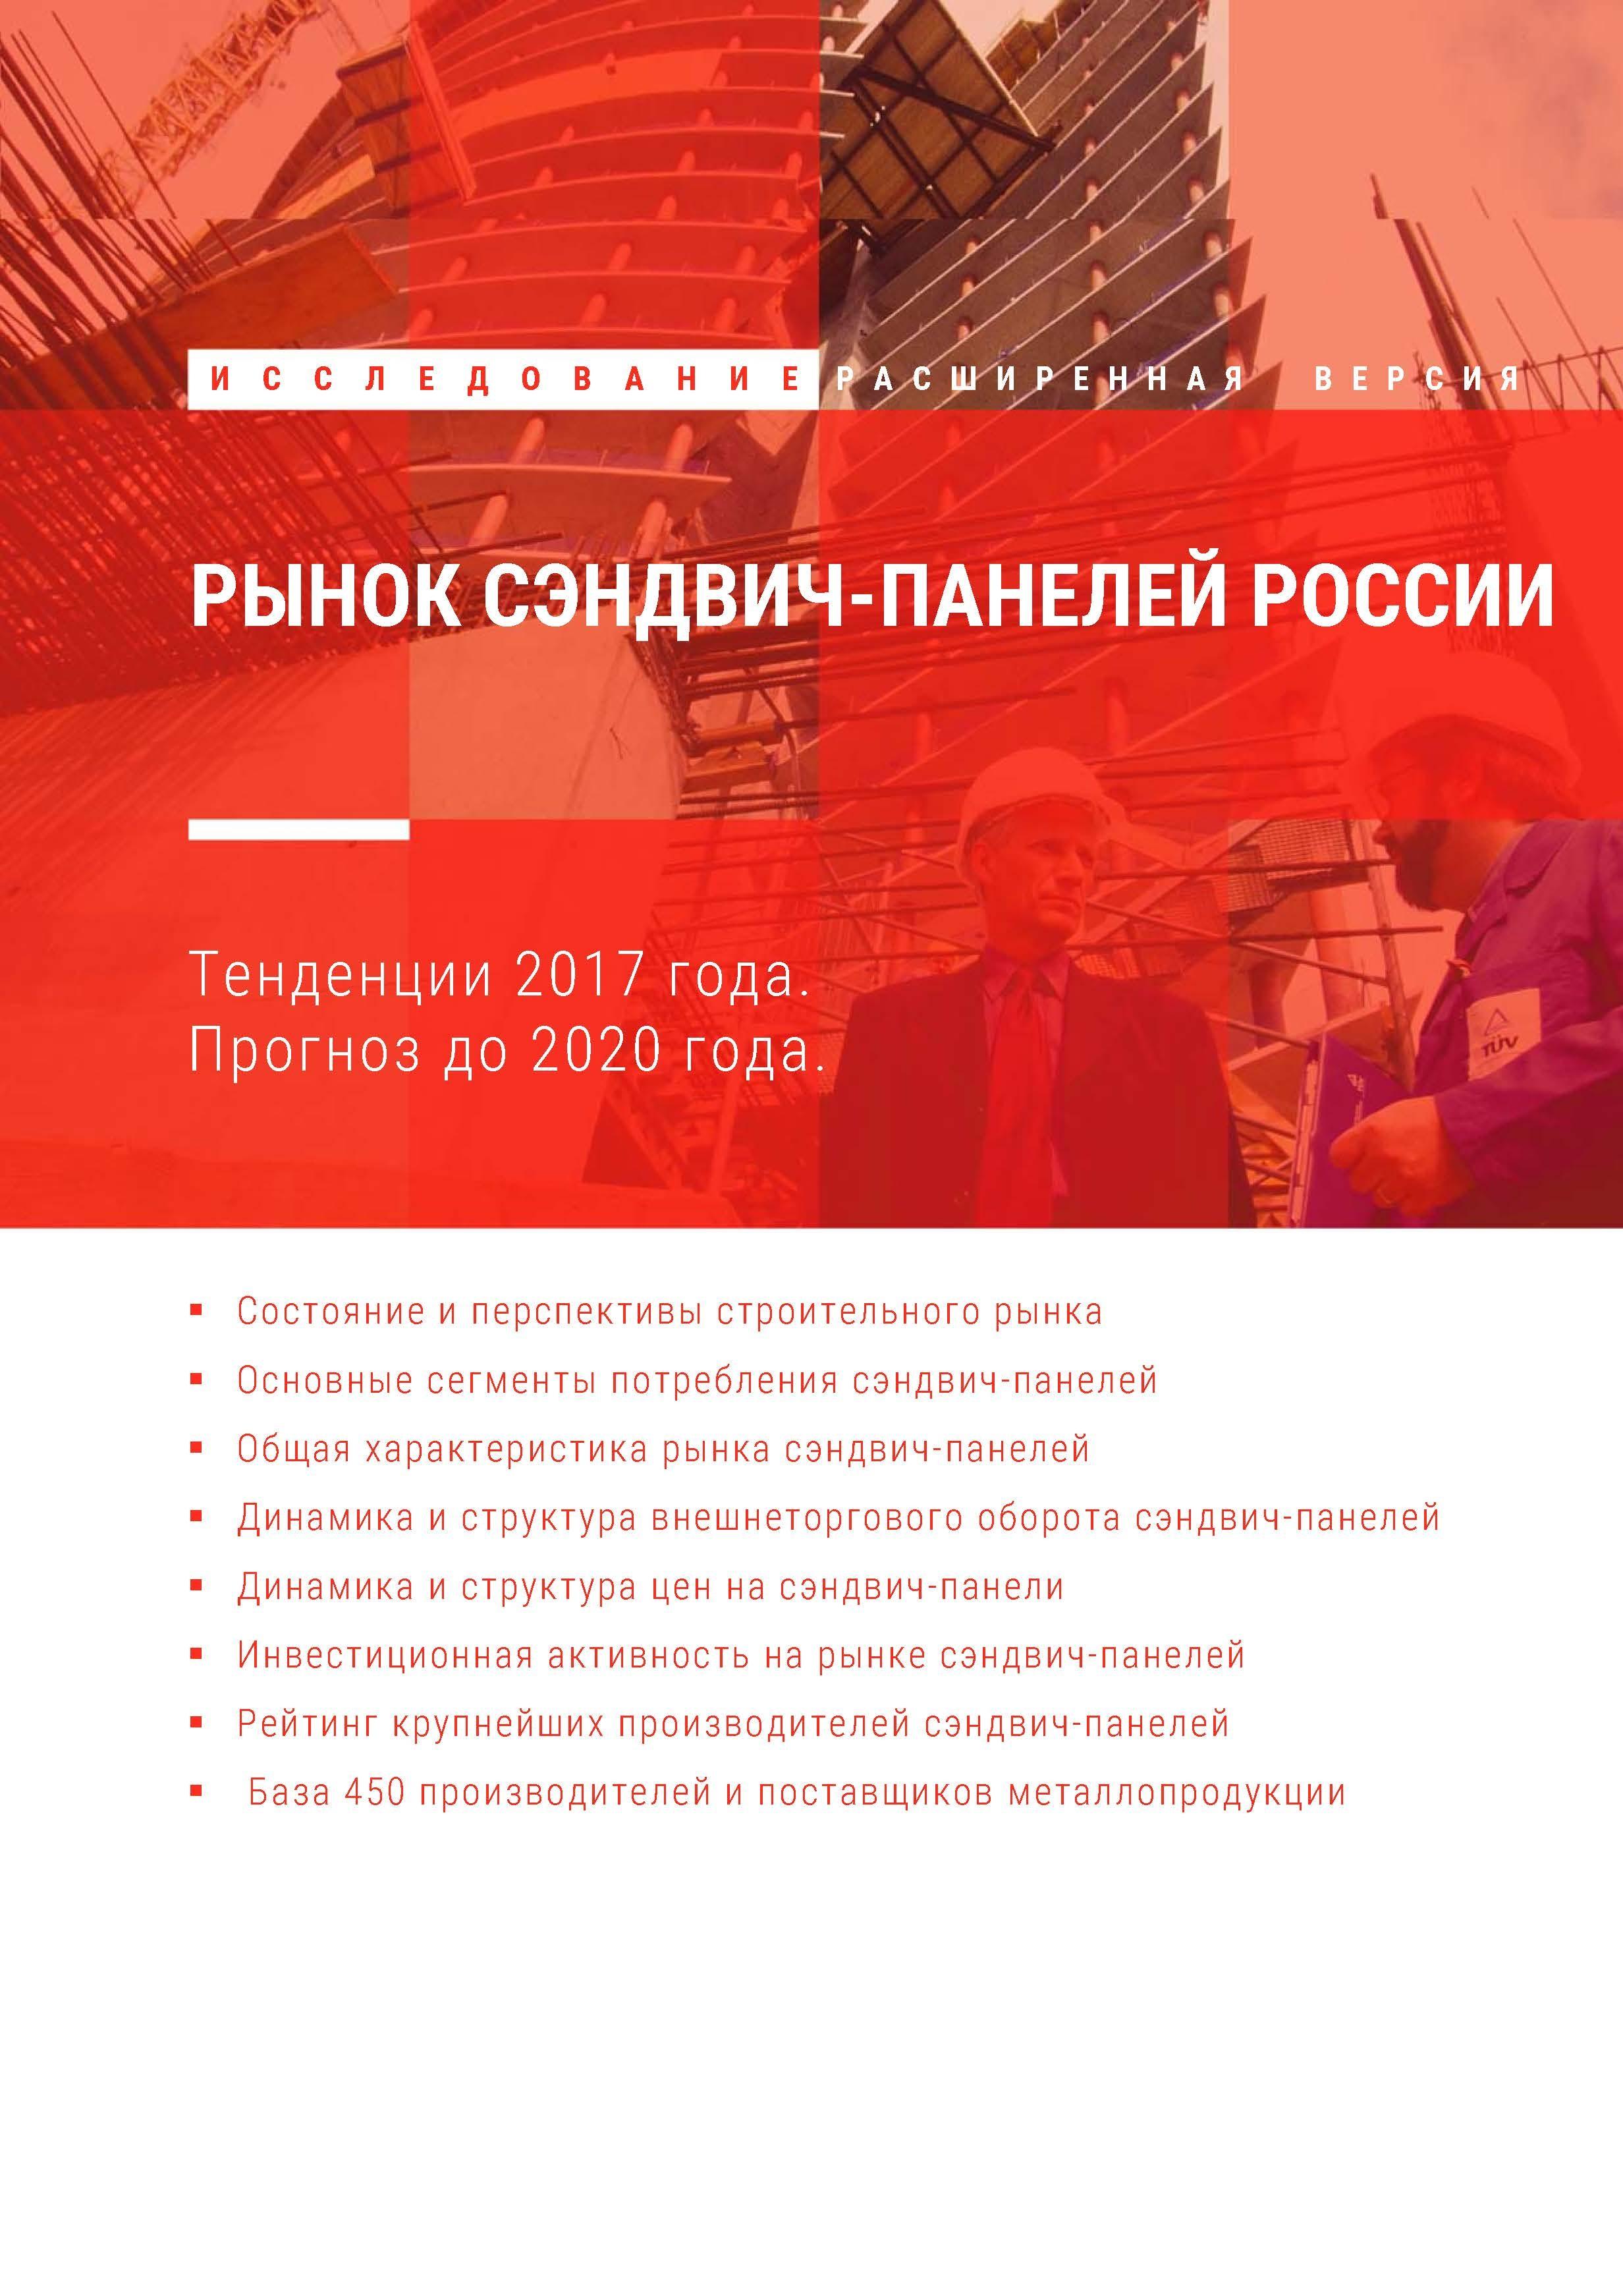 Предсказания на 2020 год для россии